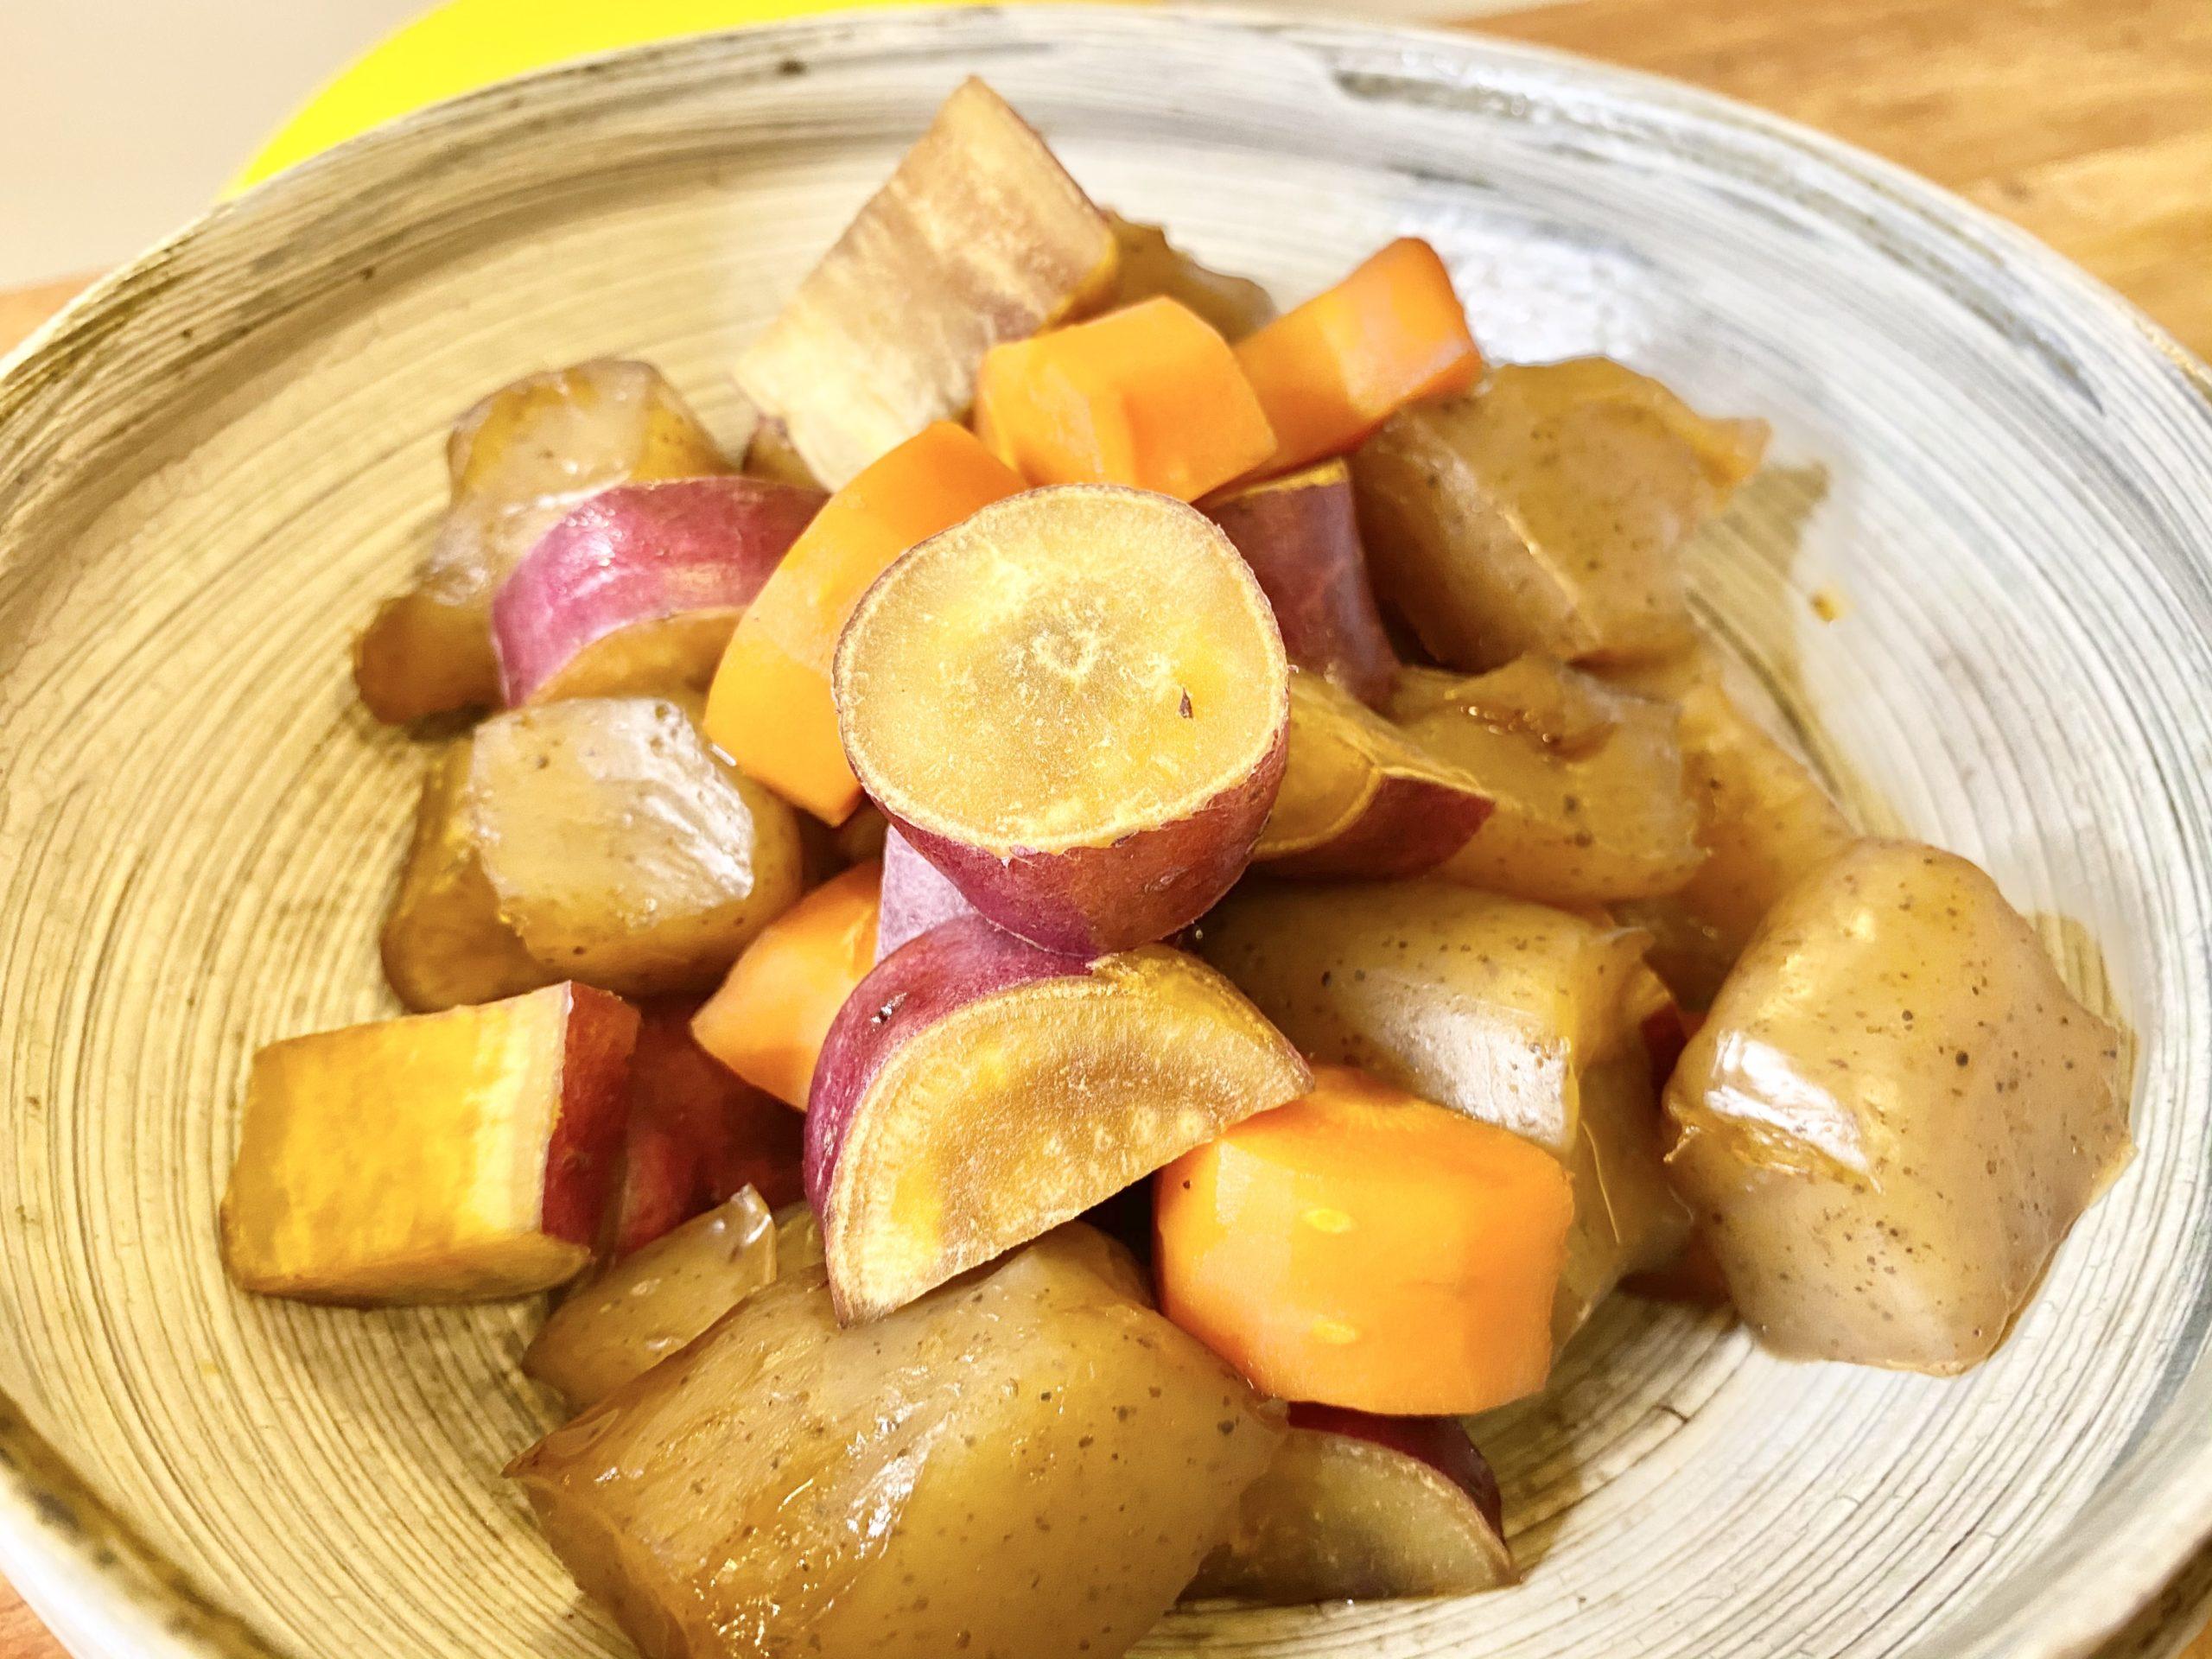 たっぷり食物繊維!「さつまいもとこんにゃくの簡単煮物」のレシピ